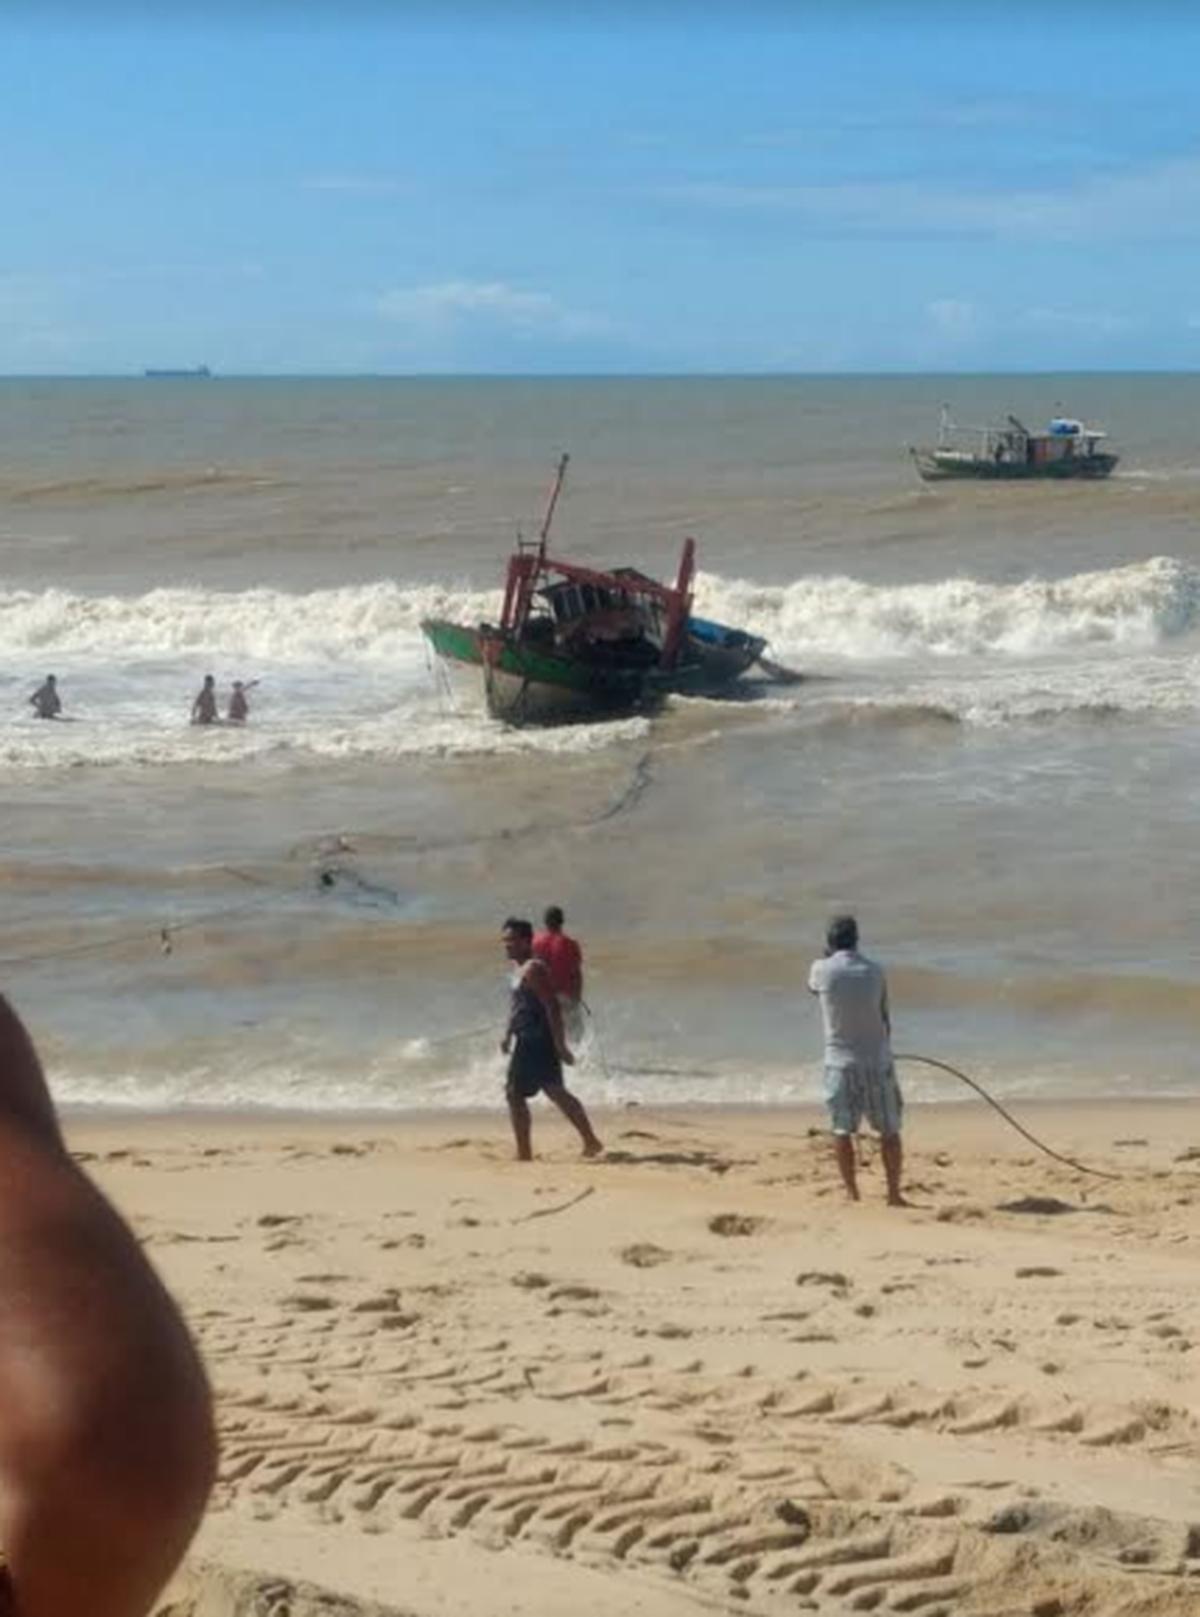 Barco vira após bater em banco de areia na praia de Barra do Furado, em Quissamã, no RJ